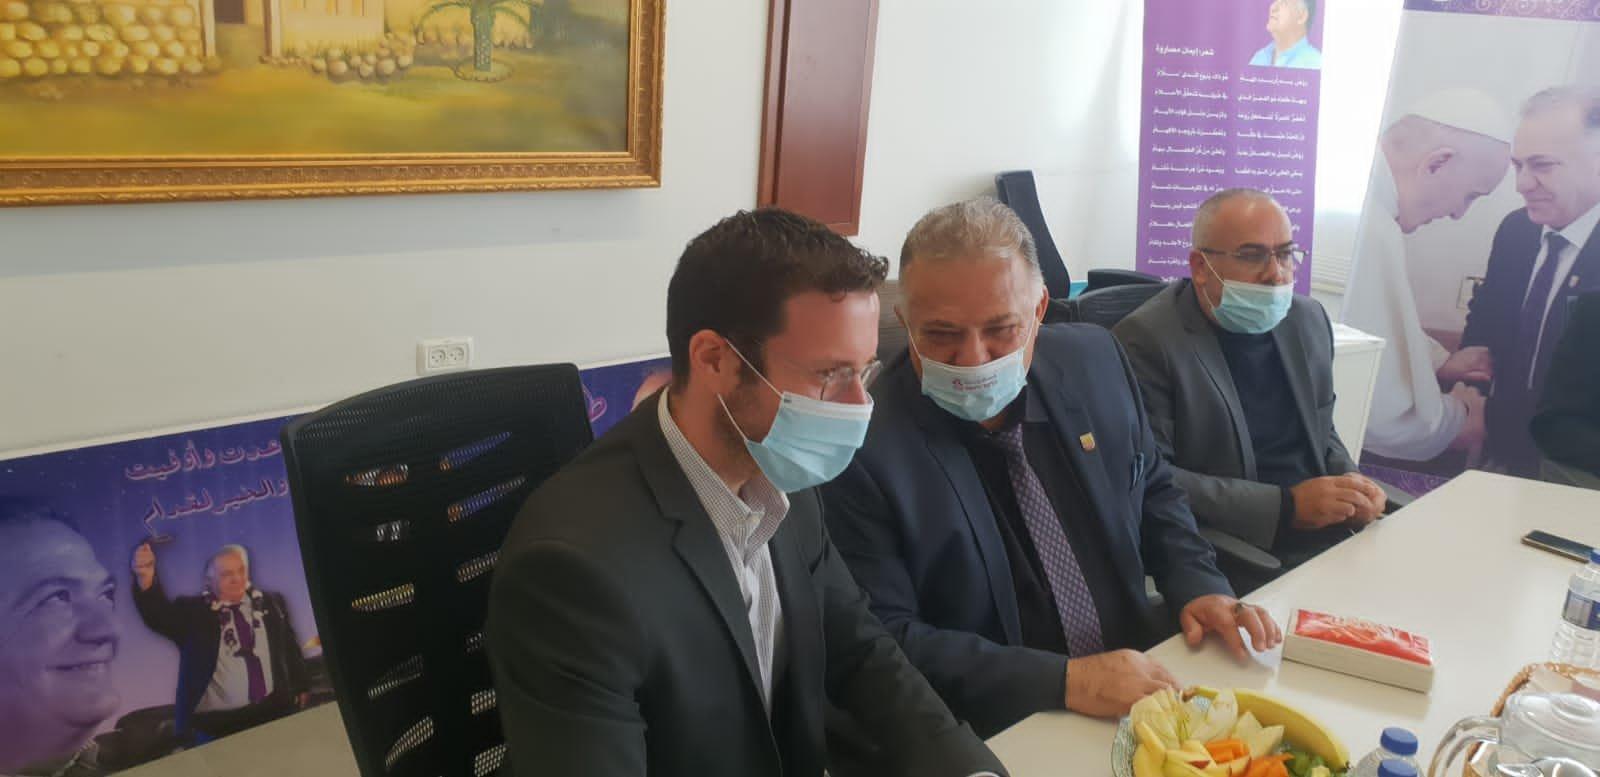 وزير العمل والرفاه الاجتماعي يزور بلدية الناصرة-11